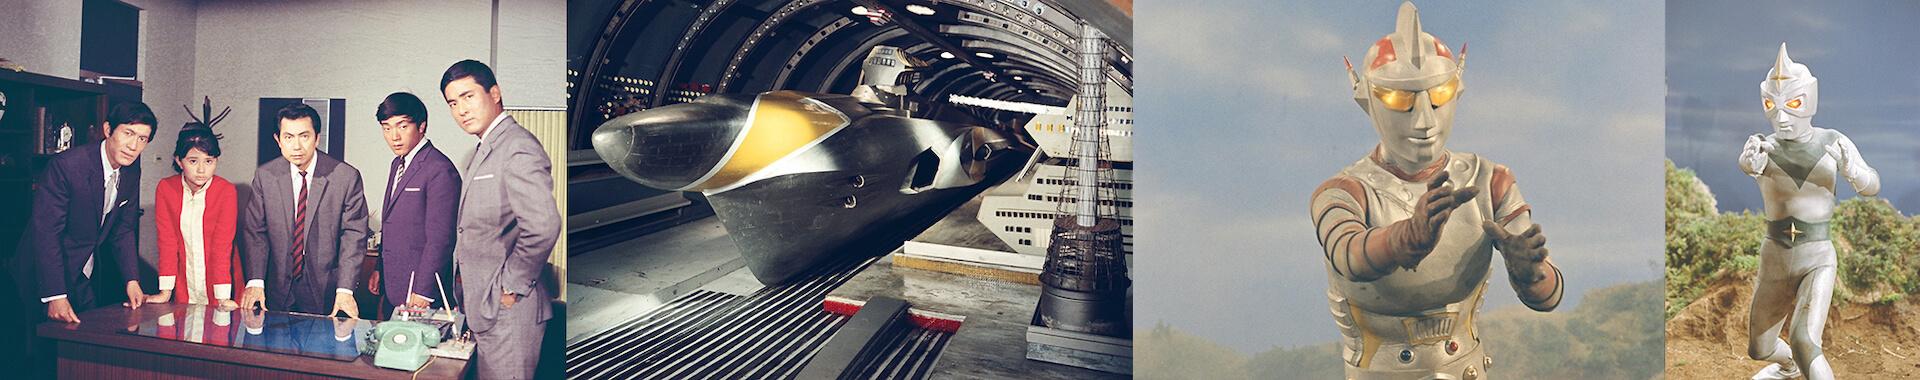 ウルトラマン、ウルトラセブン、ウルトラマンZらがサブスクに!円谷プロダクションのデジタル・プラットフォーム「TSUBURAYA IMAGINATION」が本日提供開始 film210317_ultraman_4